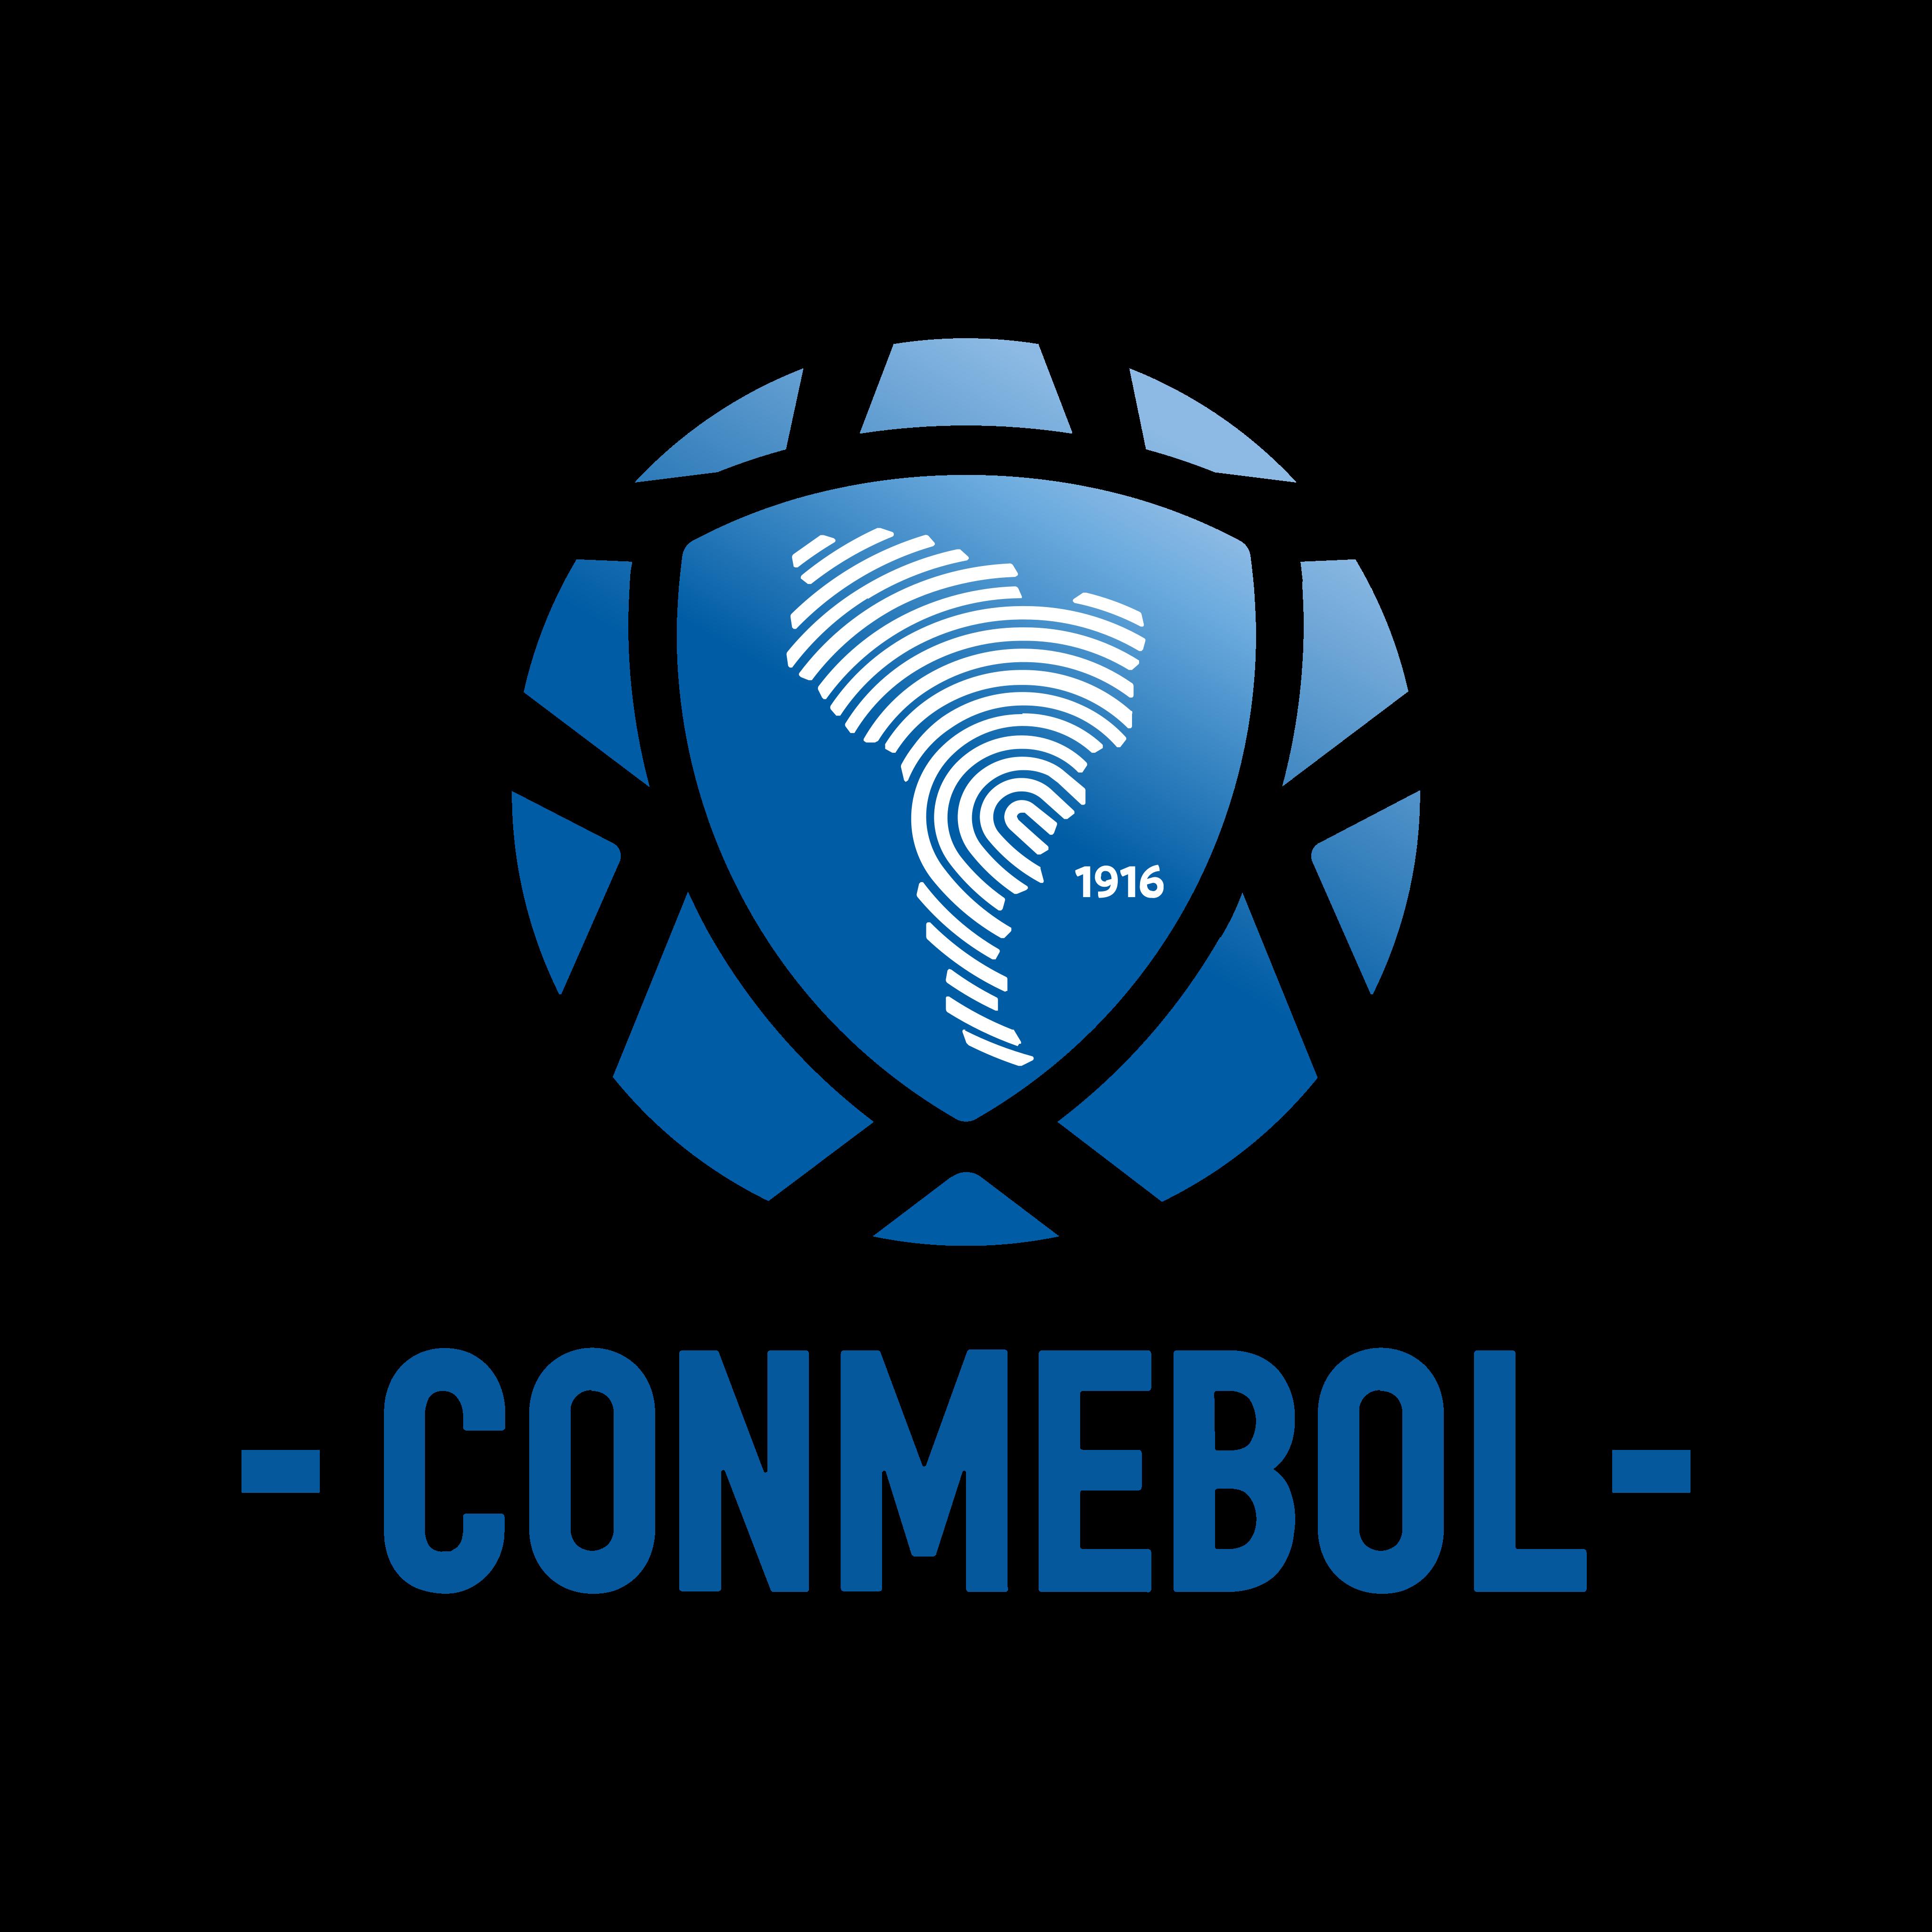 conmebol logo 0 - CONMEBOL Logo